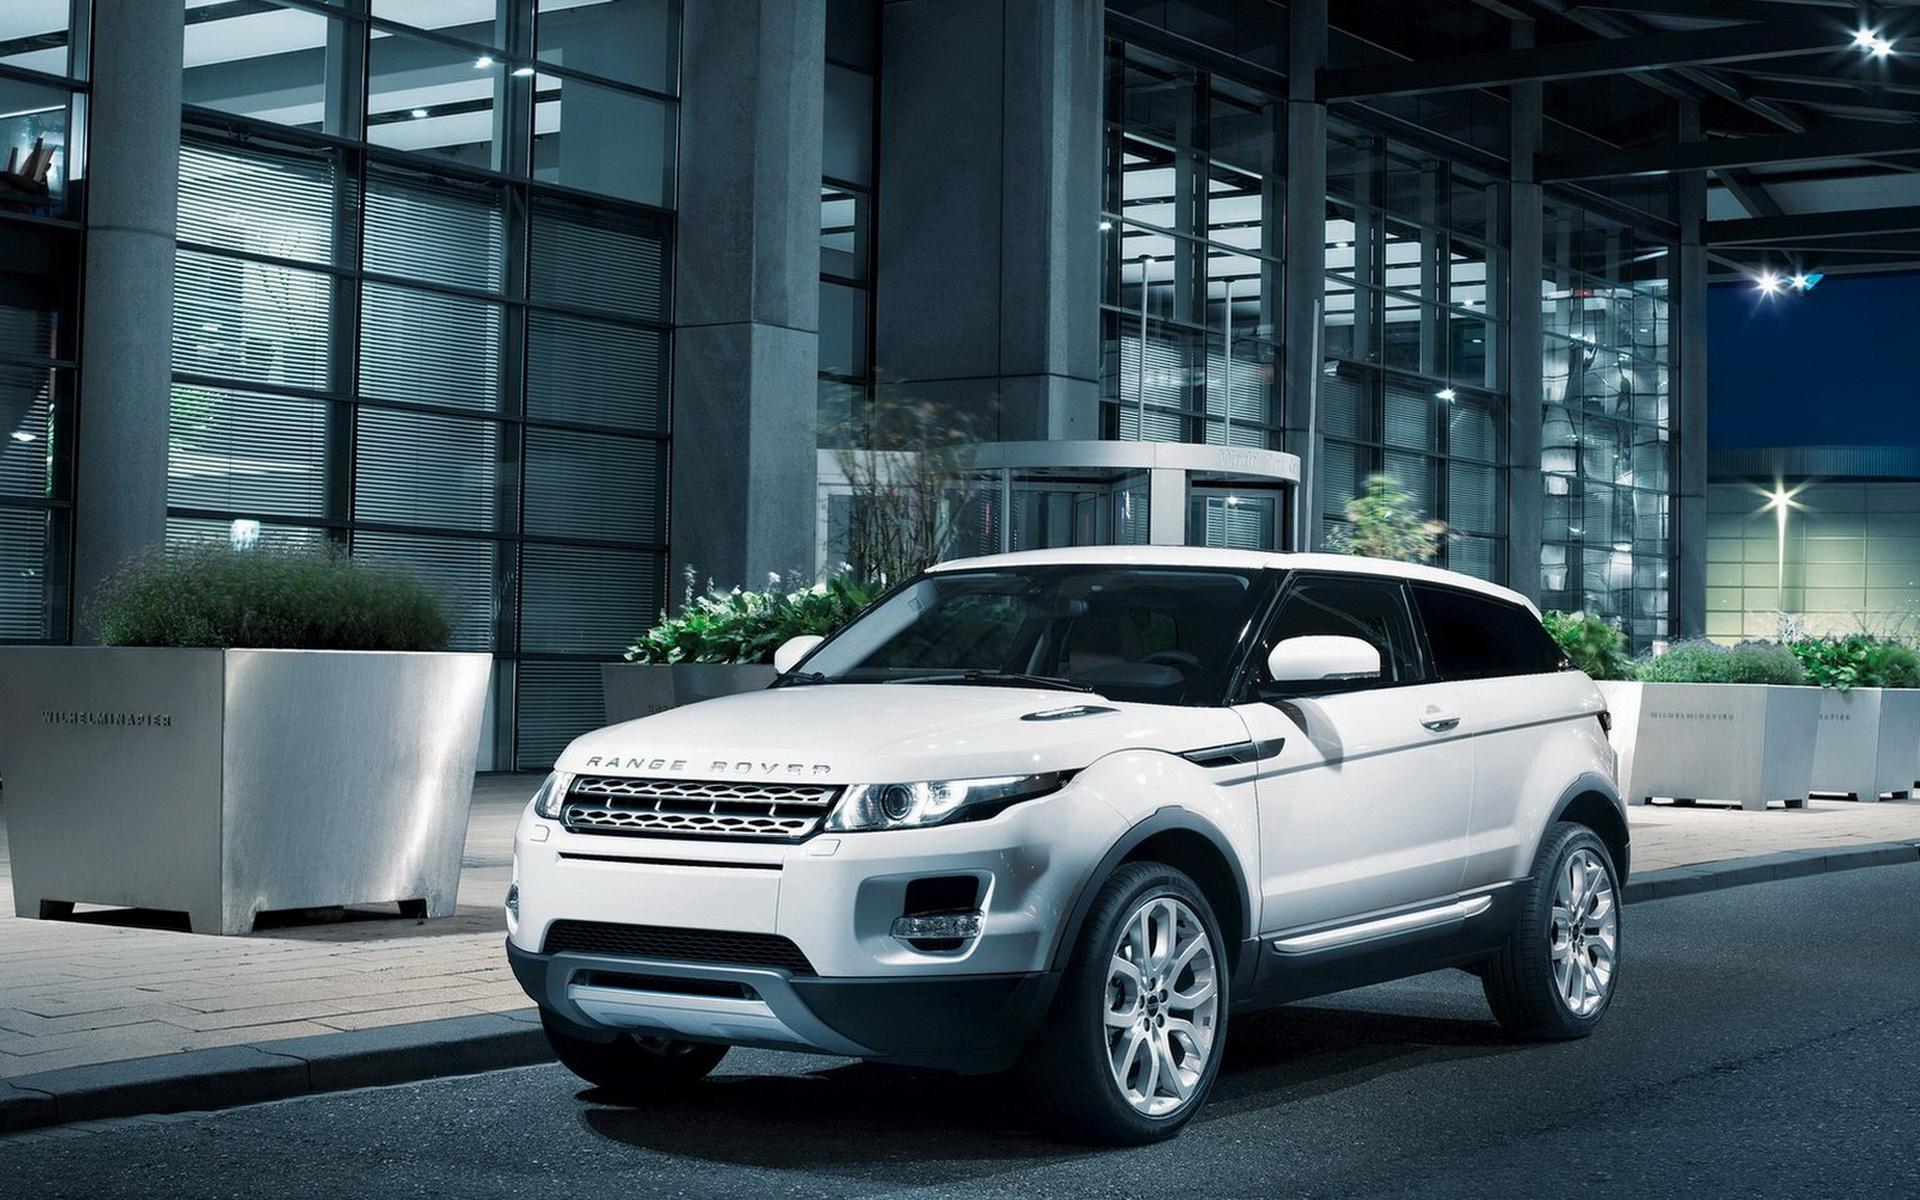 Auto_Land_Rover_Land_Rover-Range_Rover_Evoque_024585_.jpg